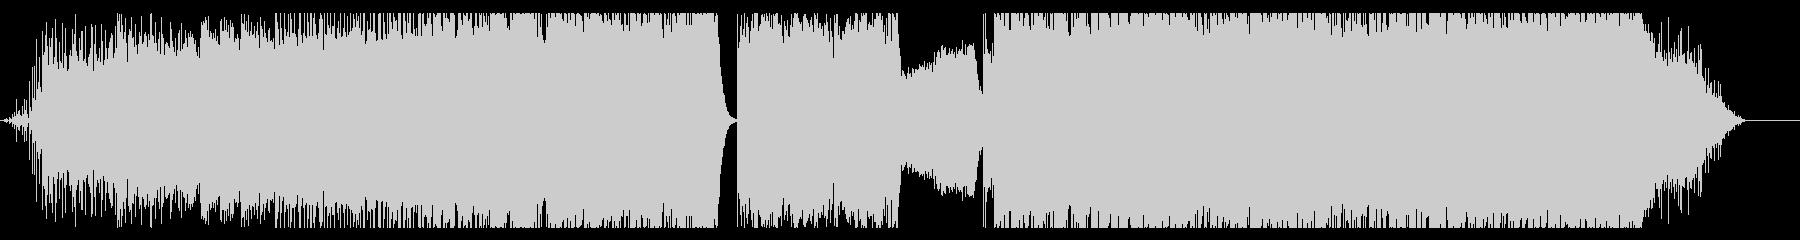 疾走感のあるミドル バラード ポップスの未再生の波形